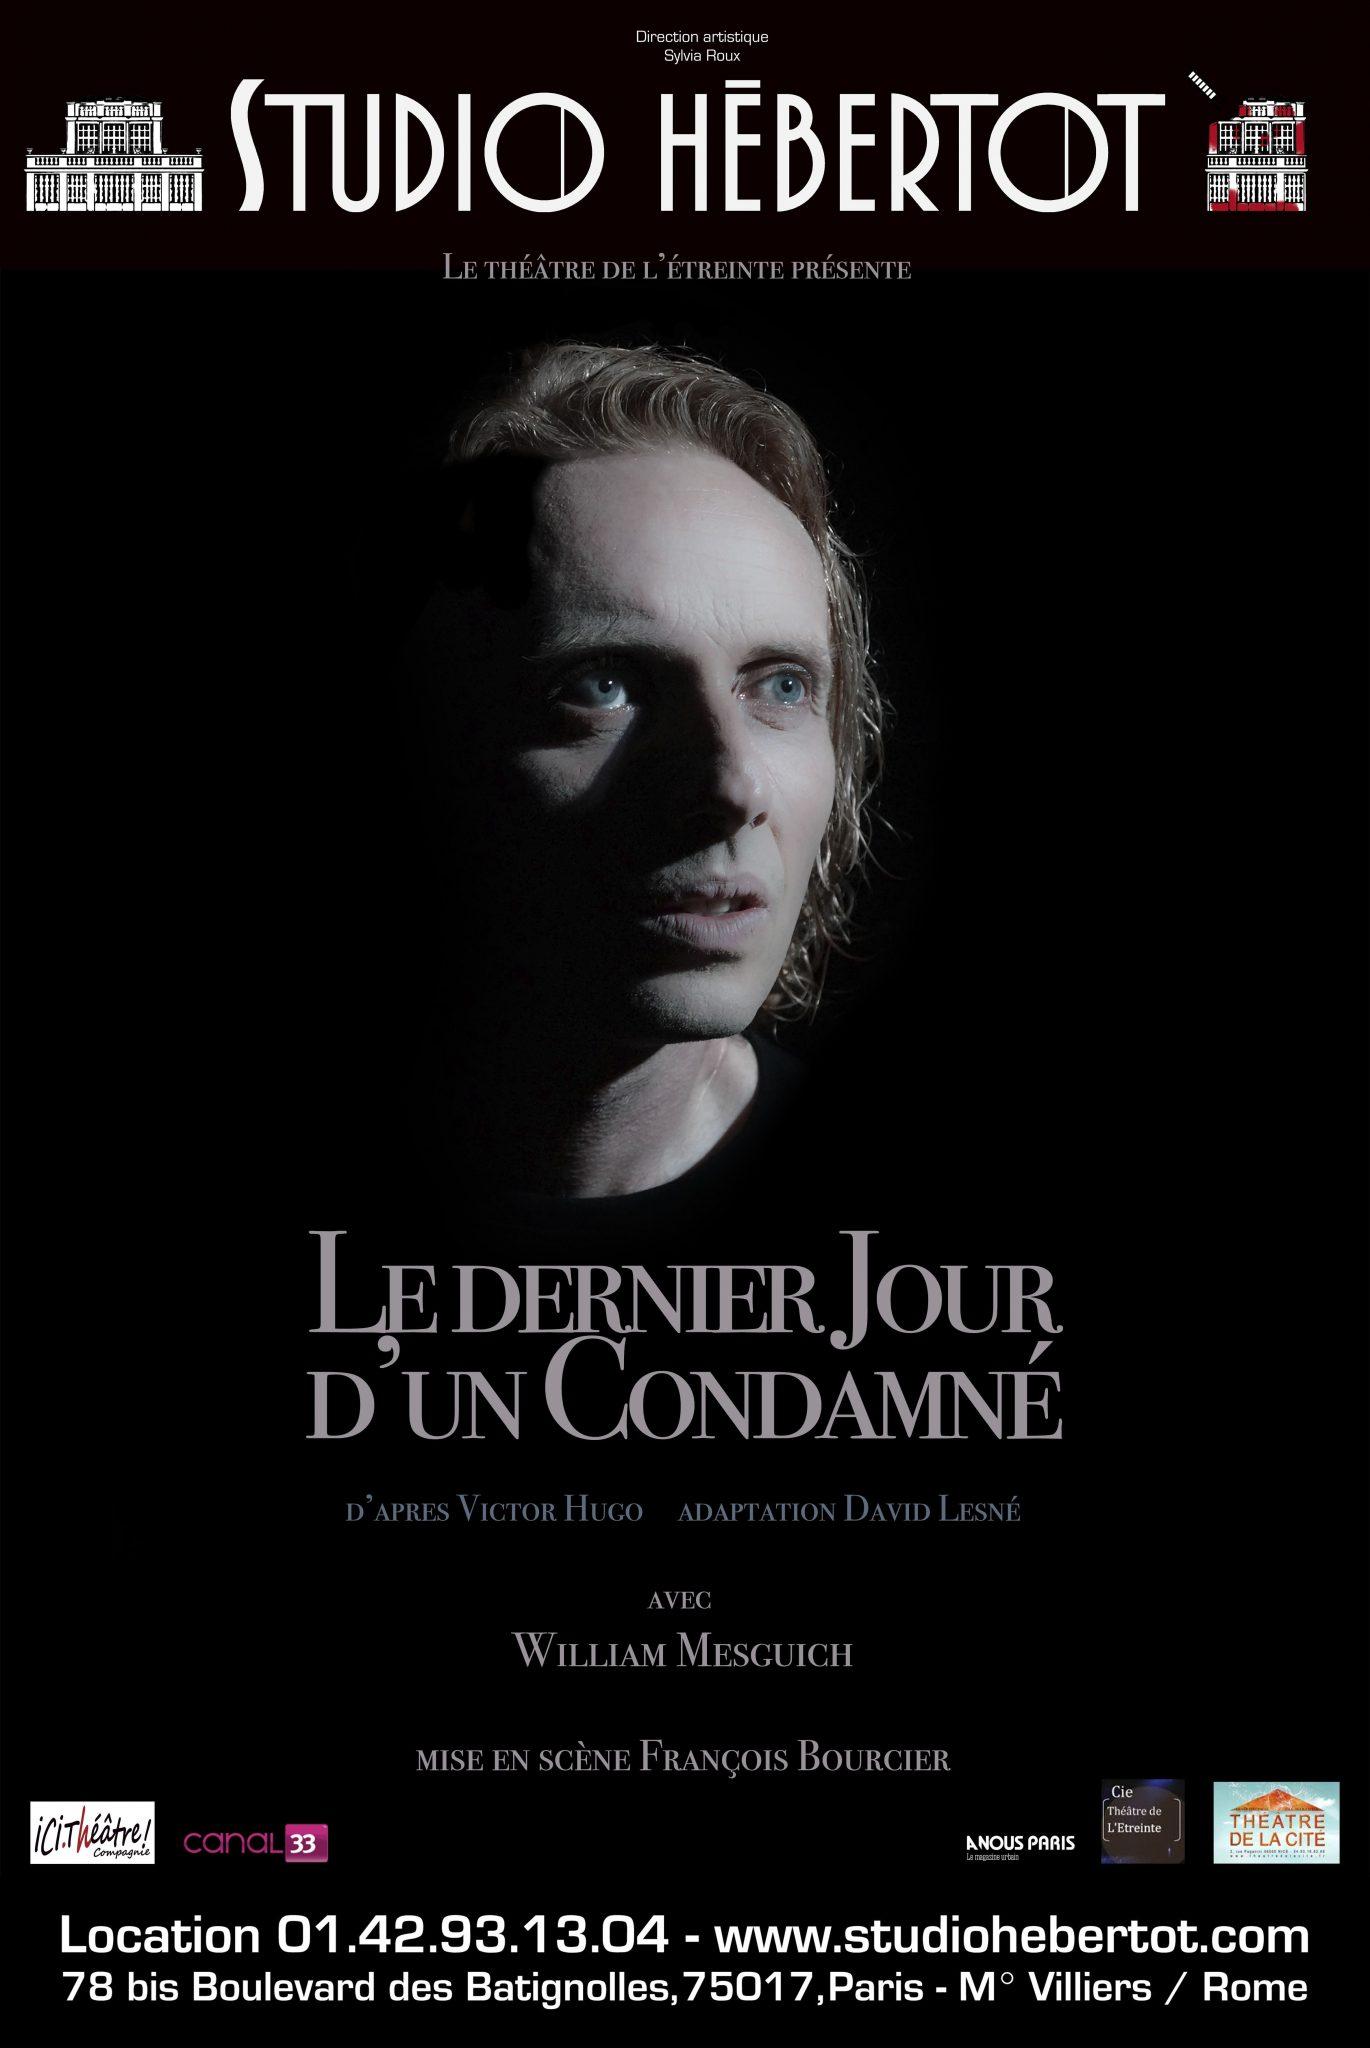 Dernier jour d'un condamné François Bourcier affiche